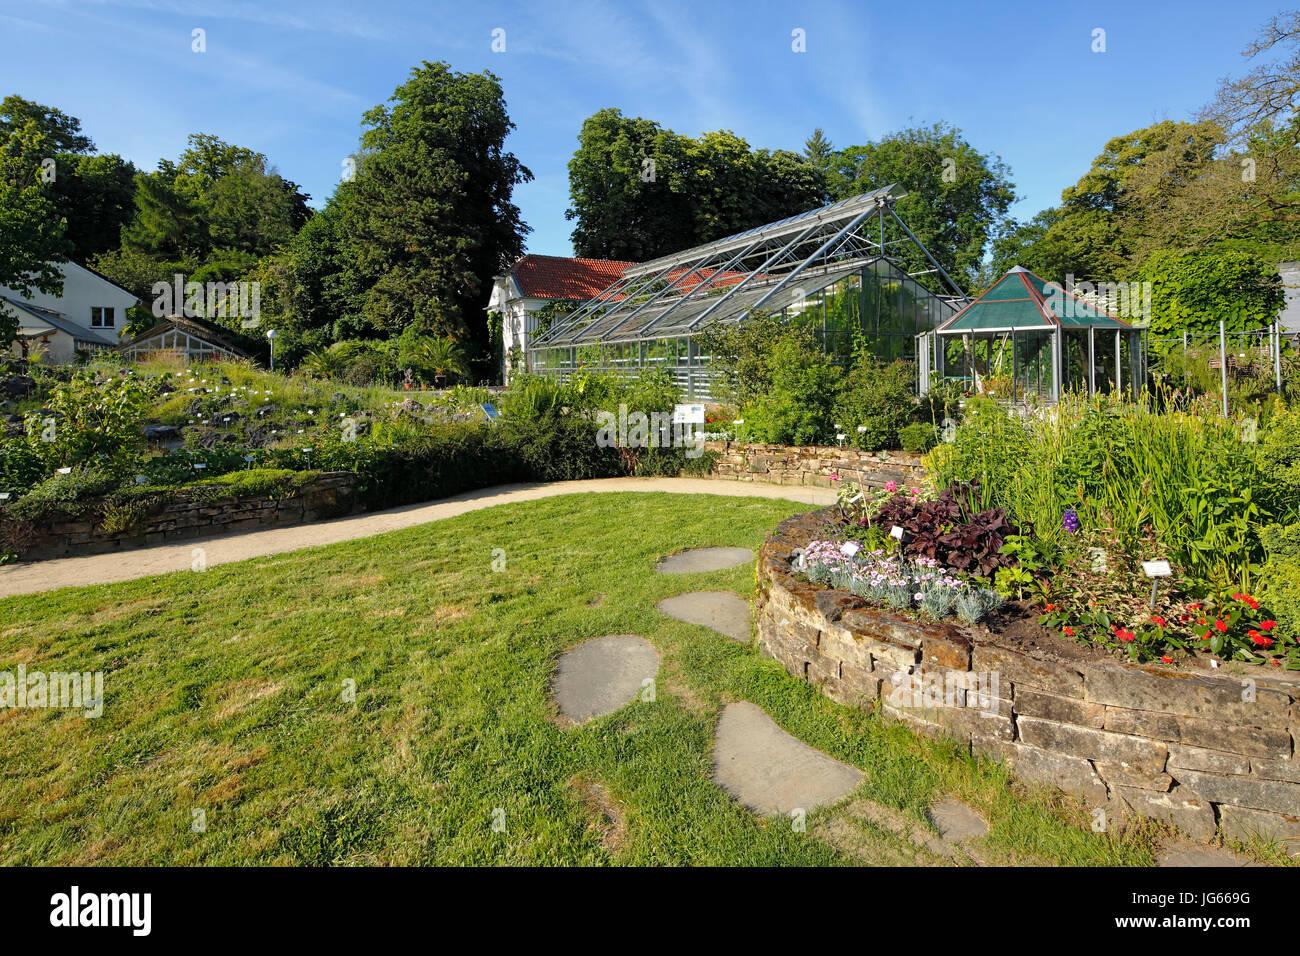 Botanischer Garten der Westfaelischen Wilhelms-Universitaet Muenster, Landschaft, Park, Baeume, Gewaechshaus, Pavillon, - Stock Image